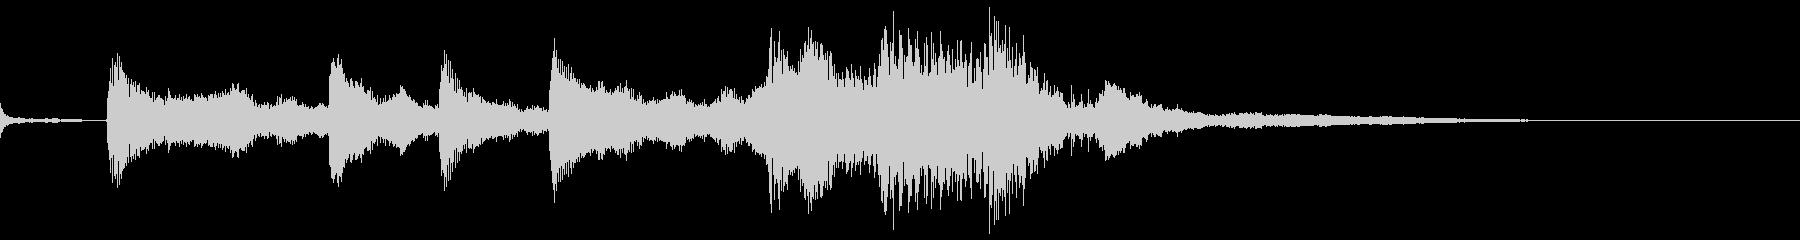 ハロウィン系ジングル2の未再生の波形